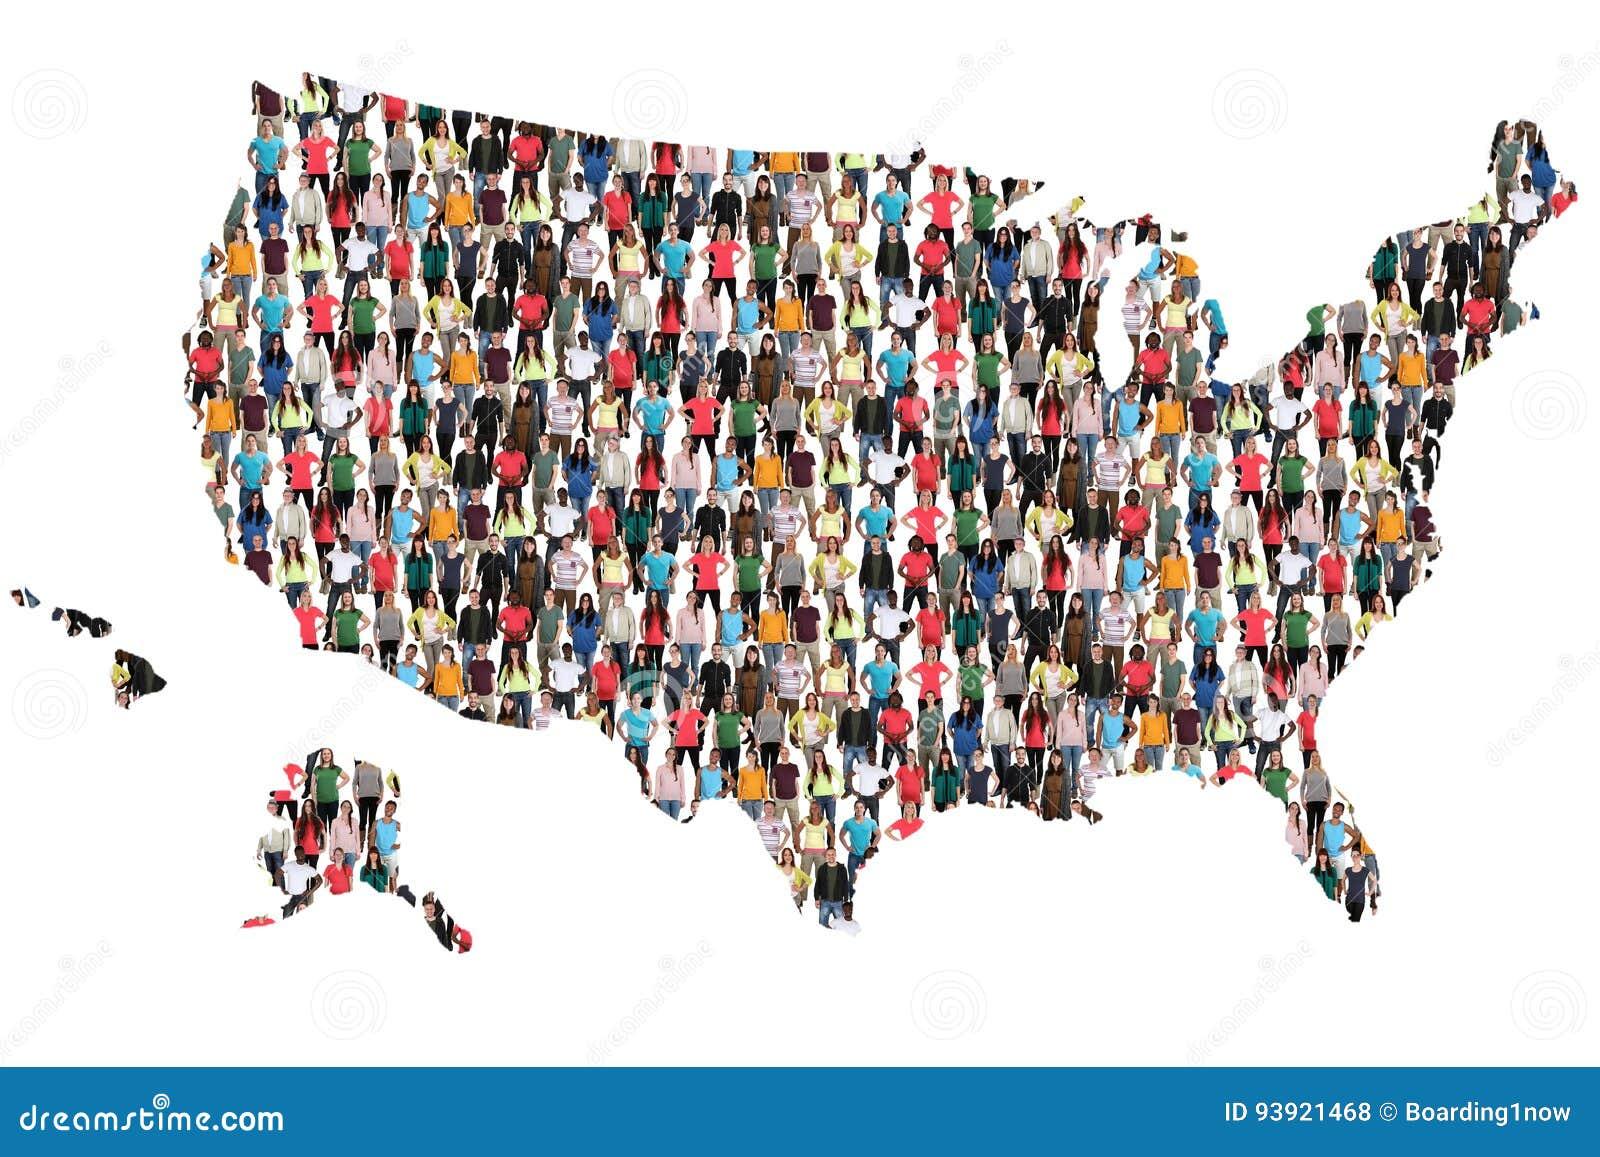 Los E.E.U.U. Estados Unidos trazan la integración multicultural del grupo de personas